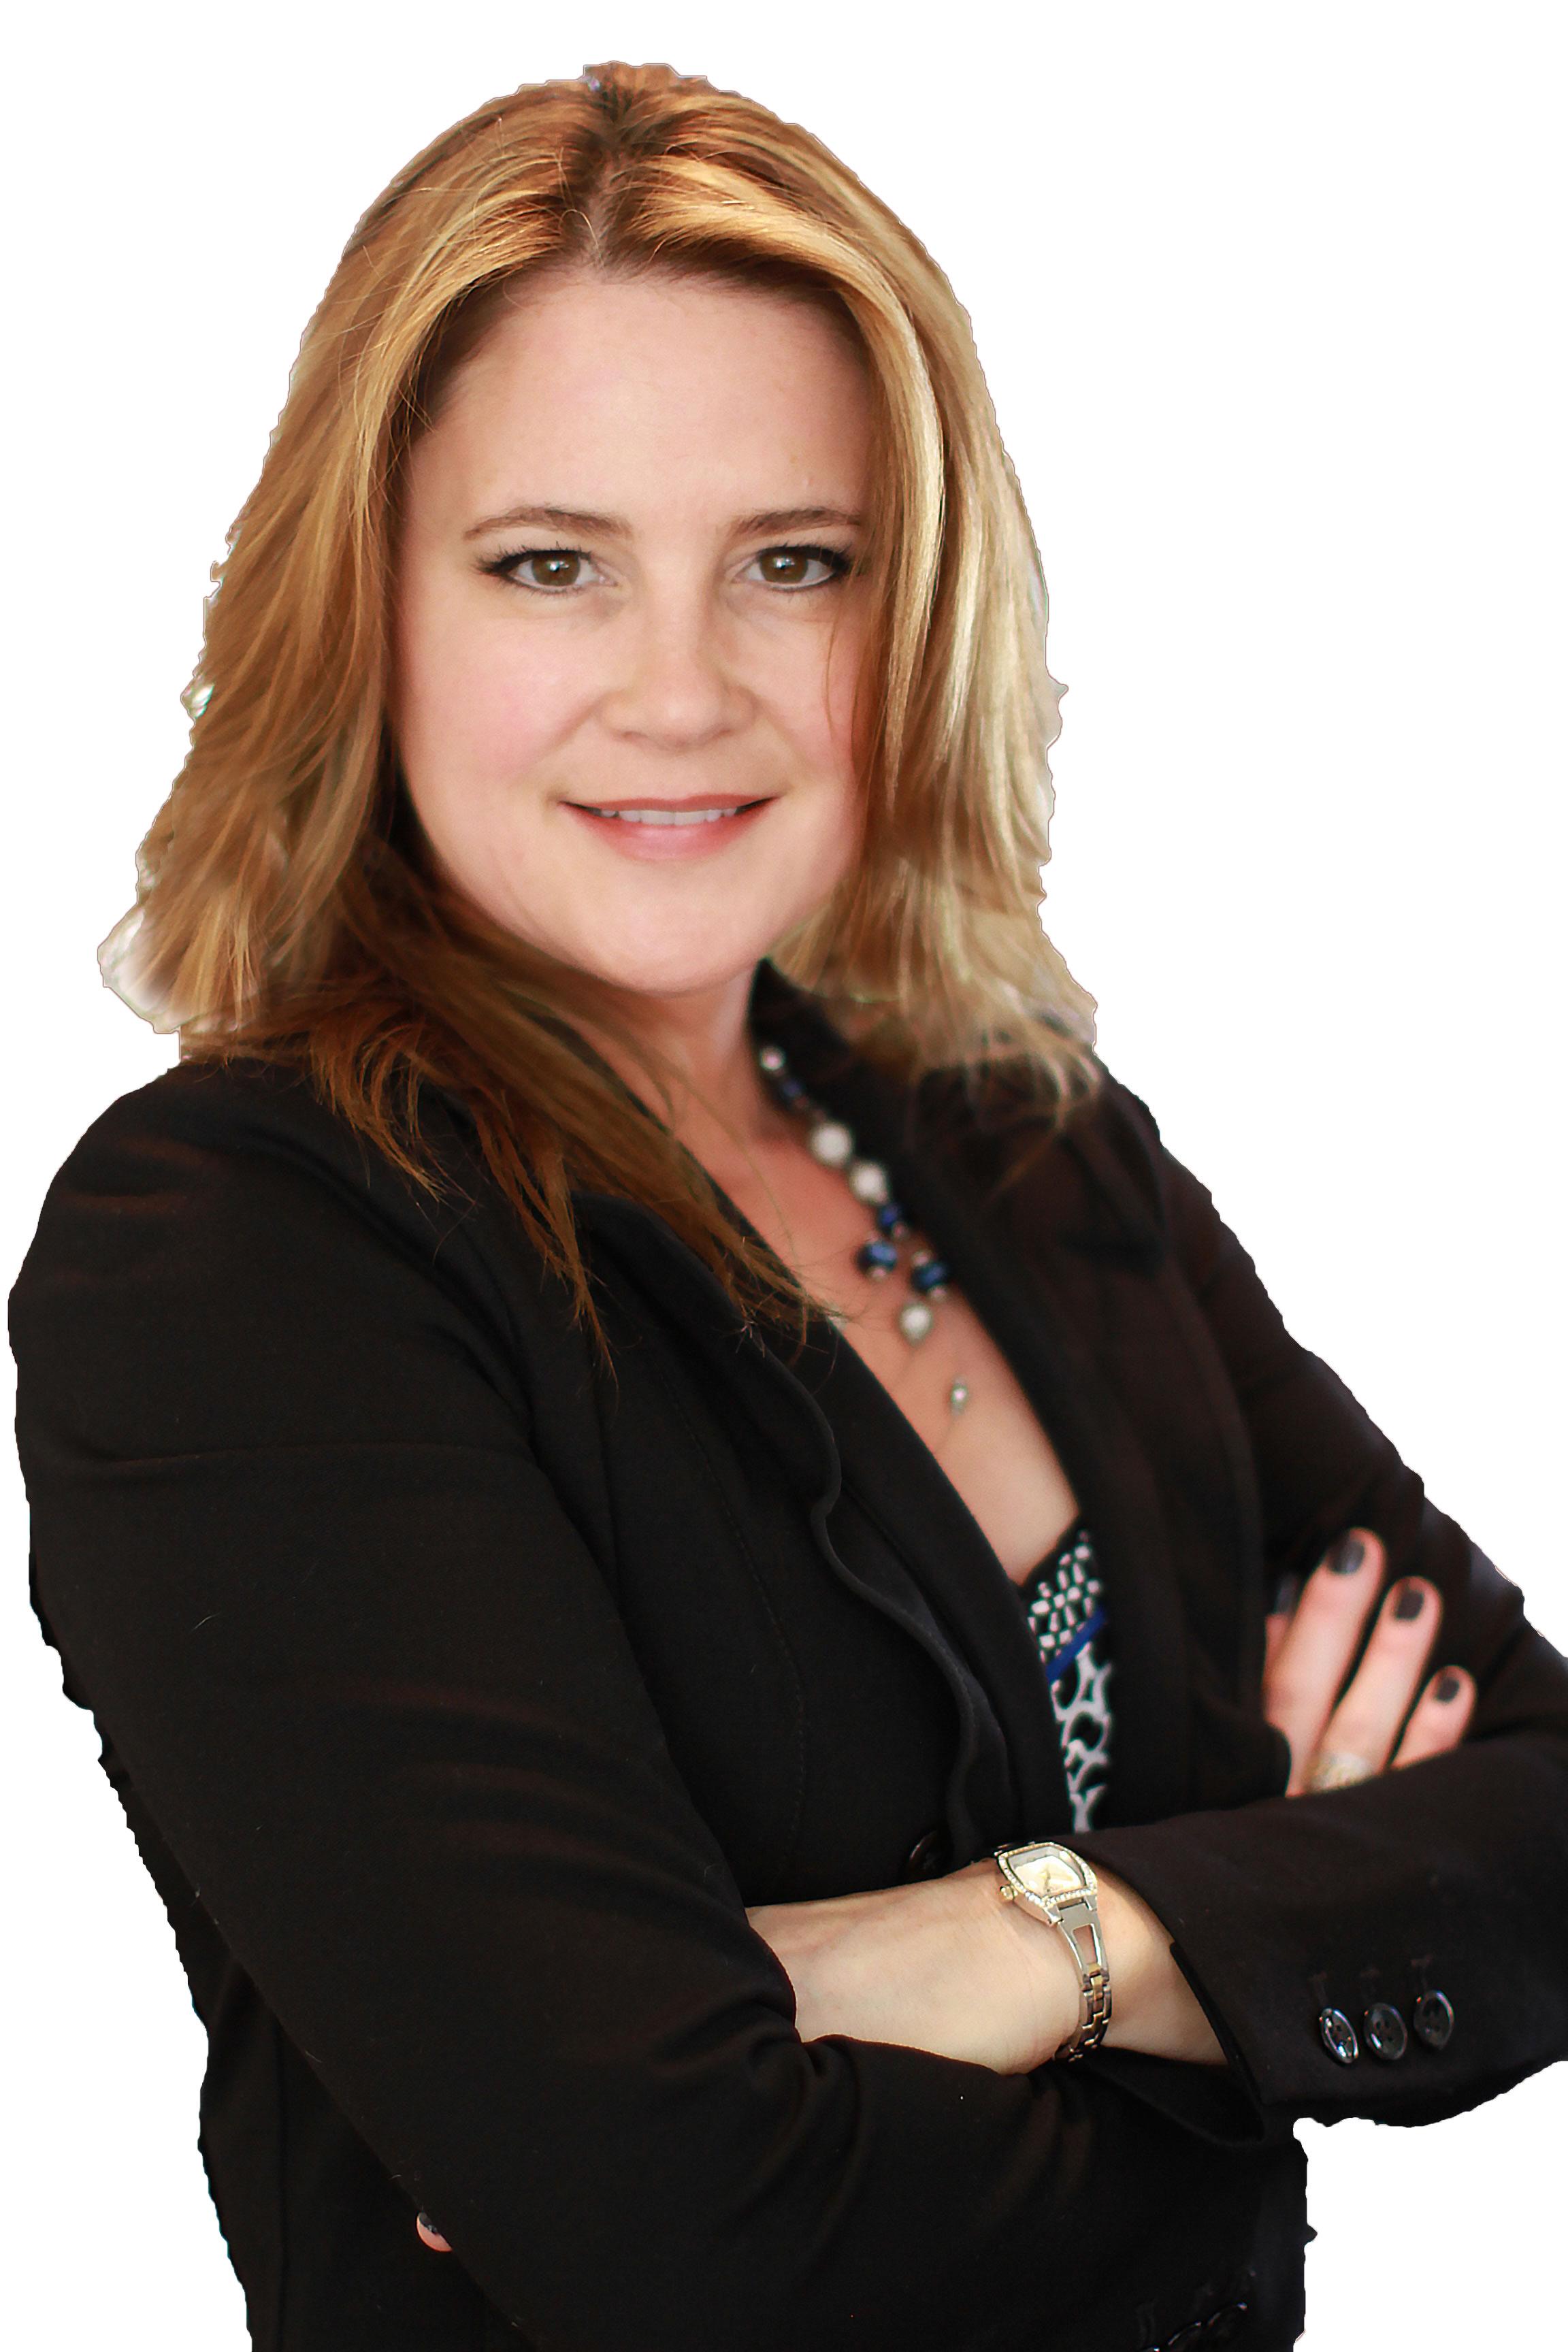 Kelly Kassab